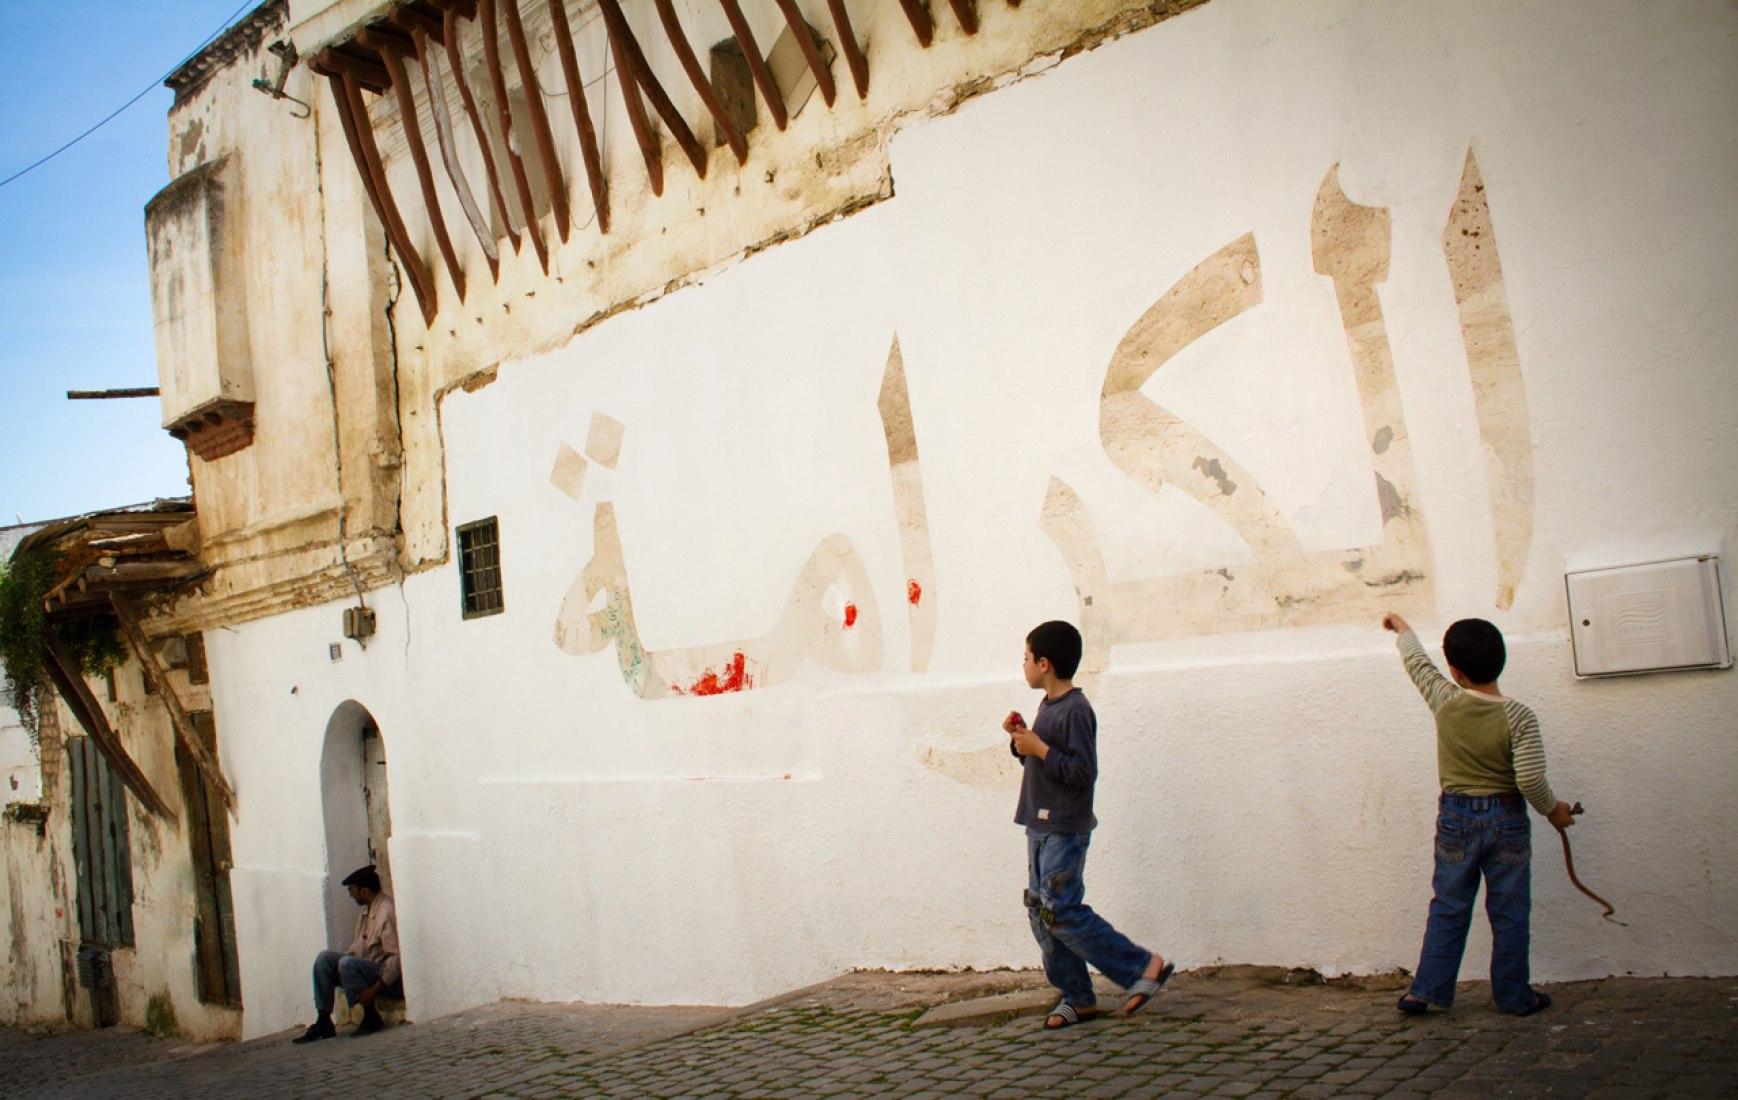 Al Karama by Boa Mistura. Photograph © Boa Mistura